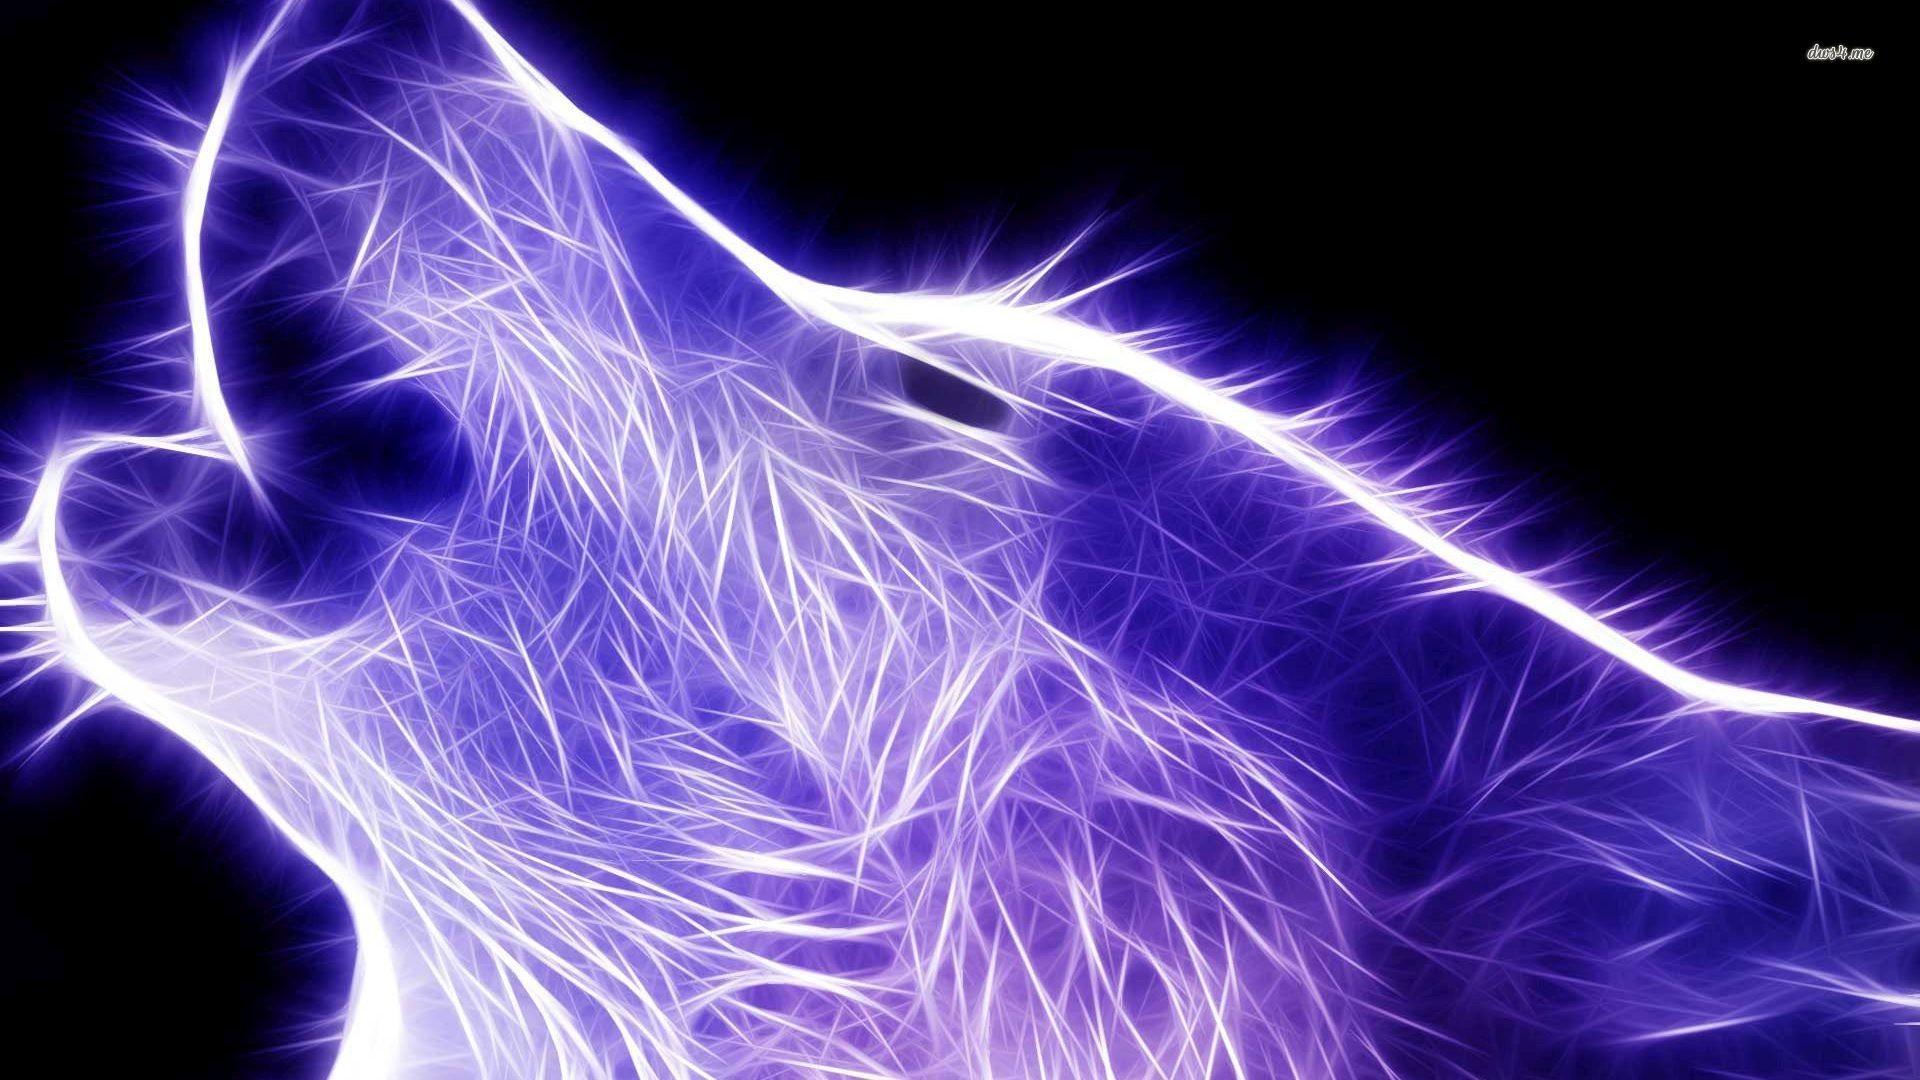 lightanimals | Animal Wallpaper Light cool animal hd wallpaper light shadow  – animals .